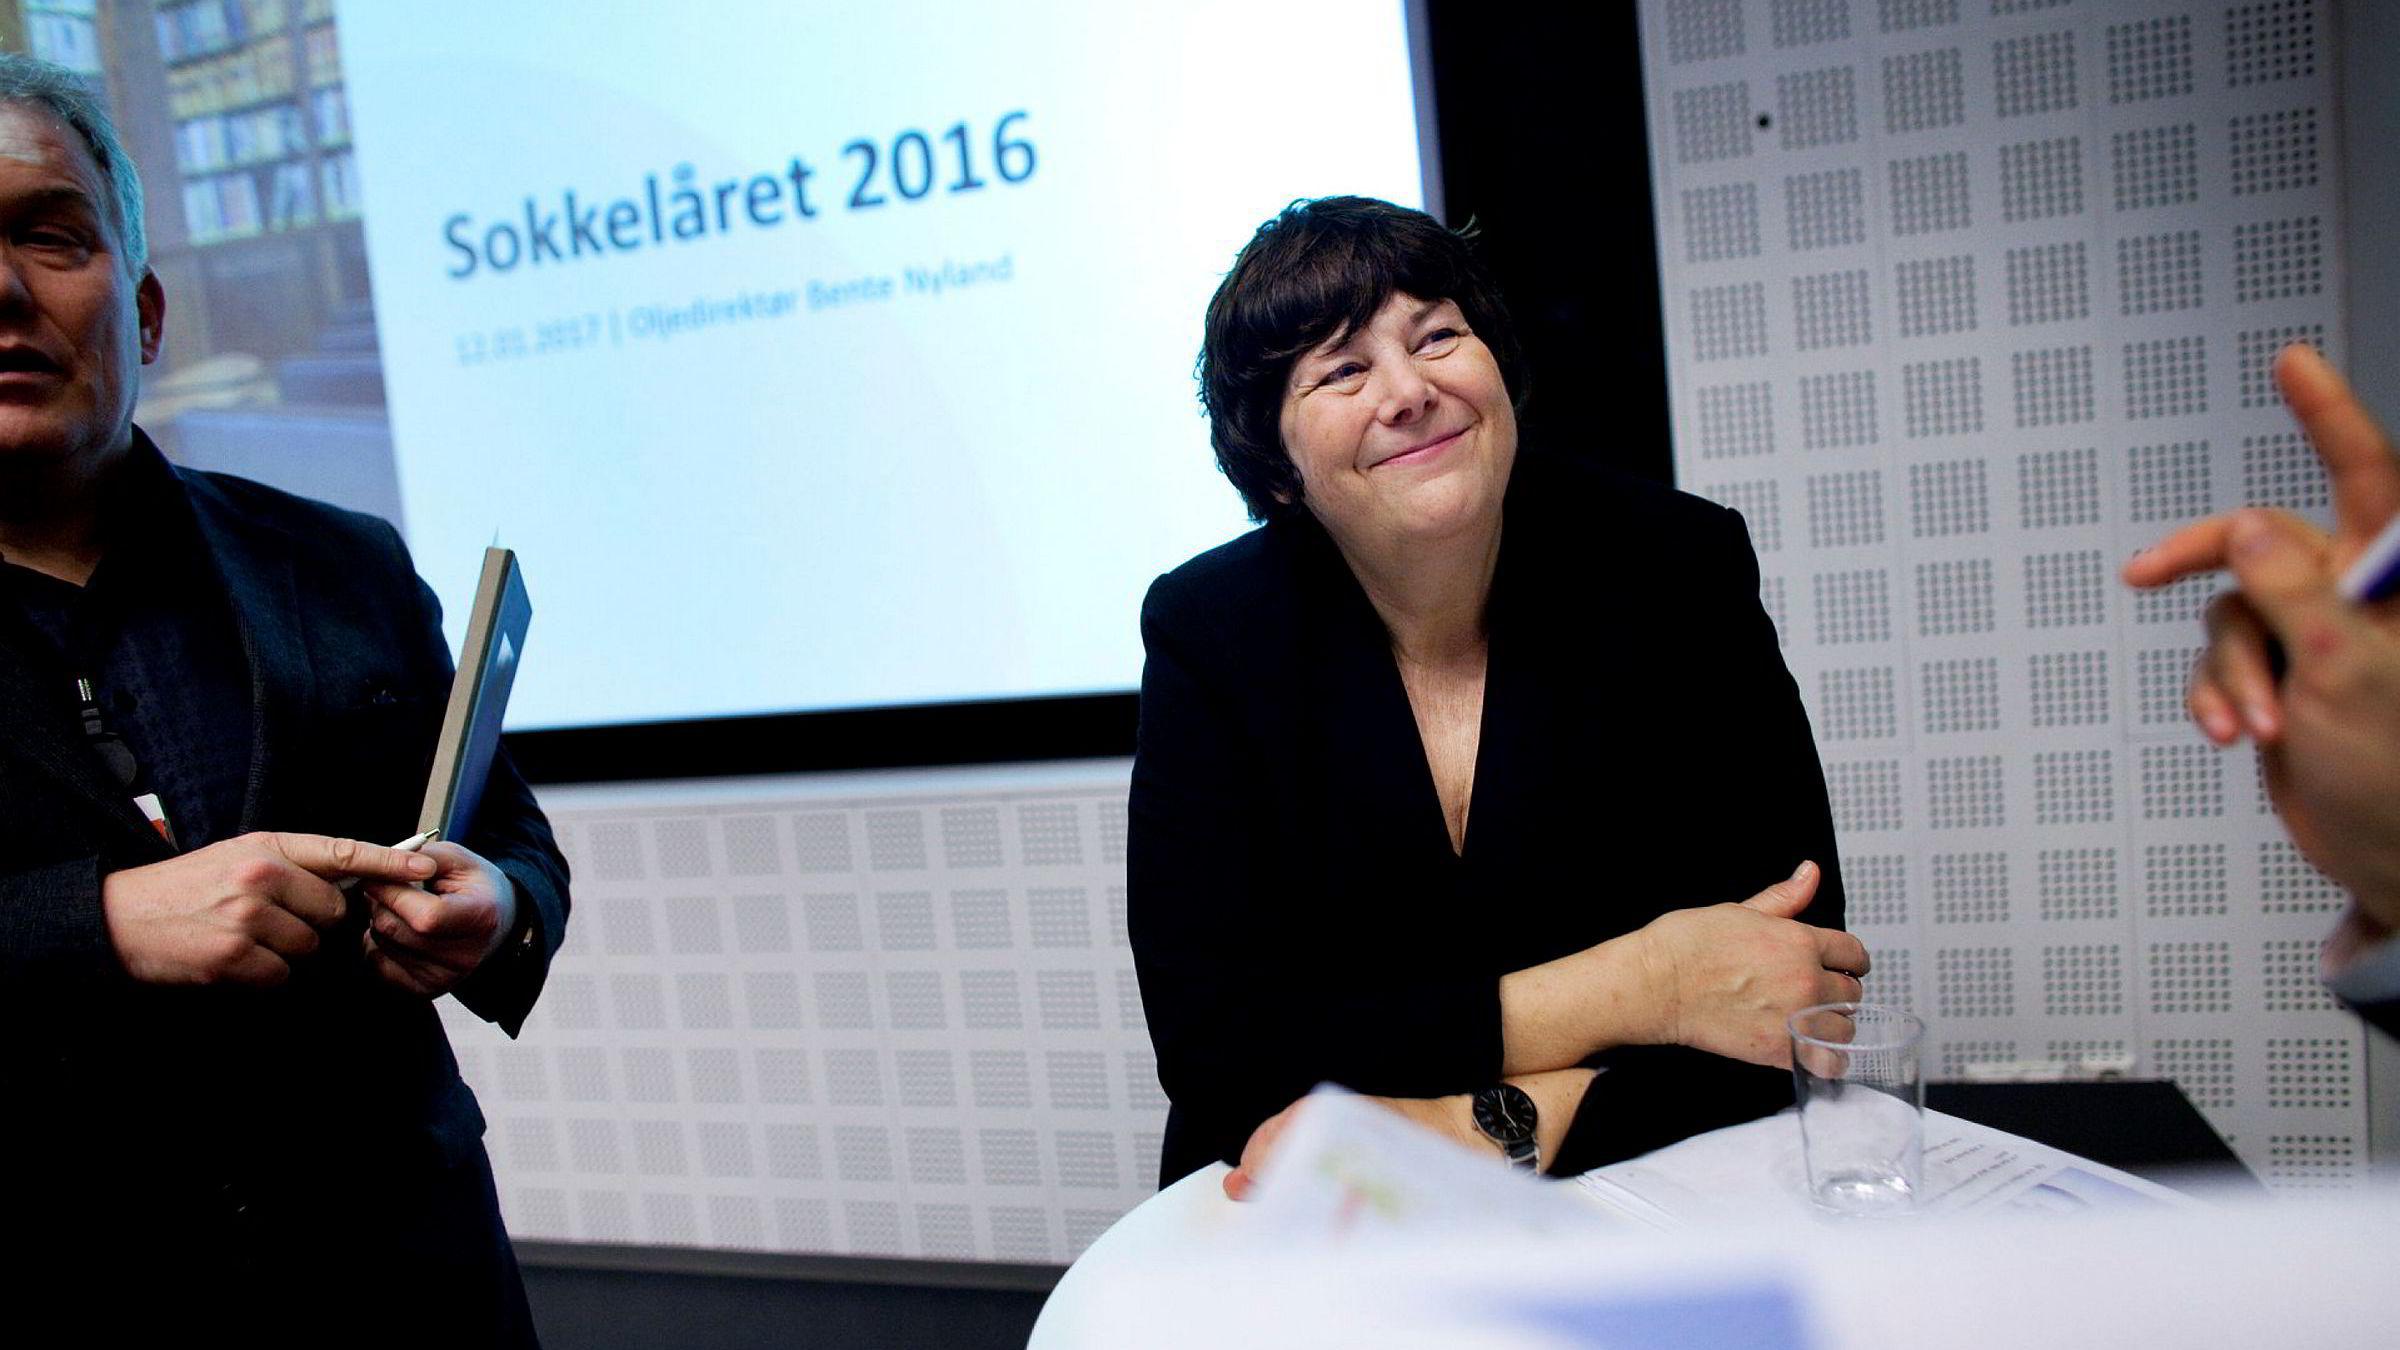 Oljedirektoratets sjef Bente Nyland la torsdag frem en årsoppsummering som bobler over av ny optimisme på vegne av norsk oljenæring. Til venstre tilsynstalsmann Bjørn Rasen.